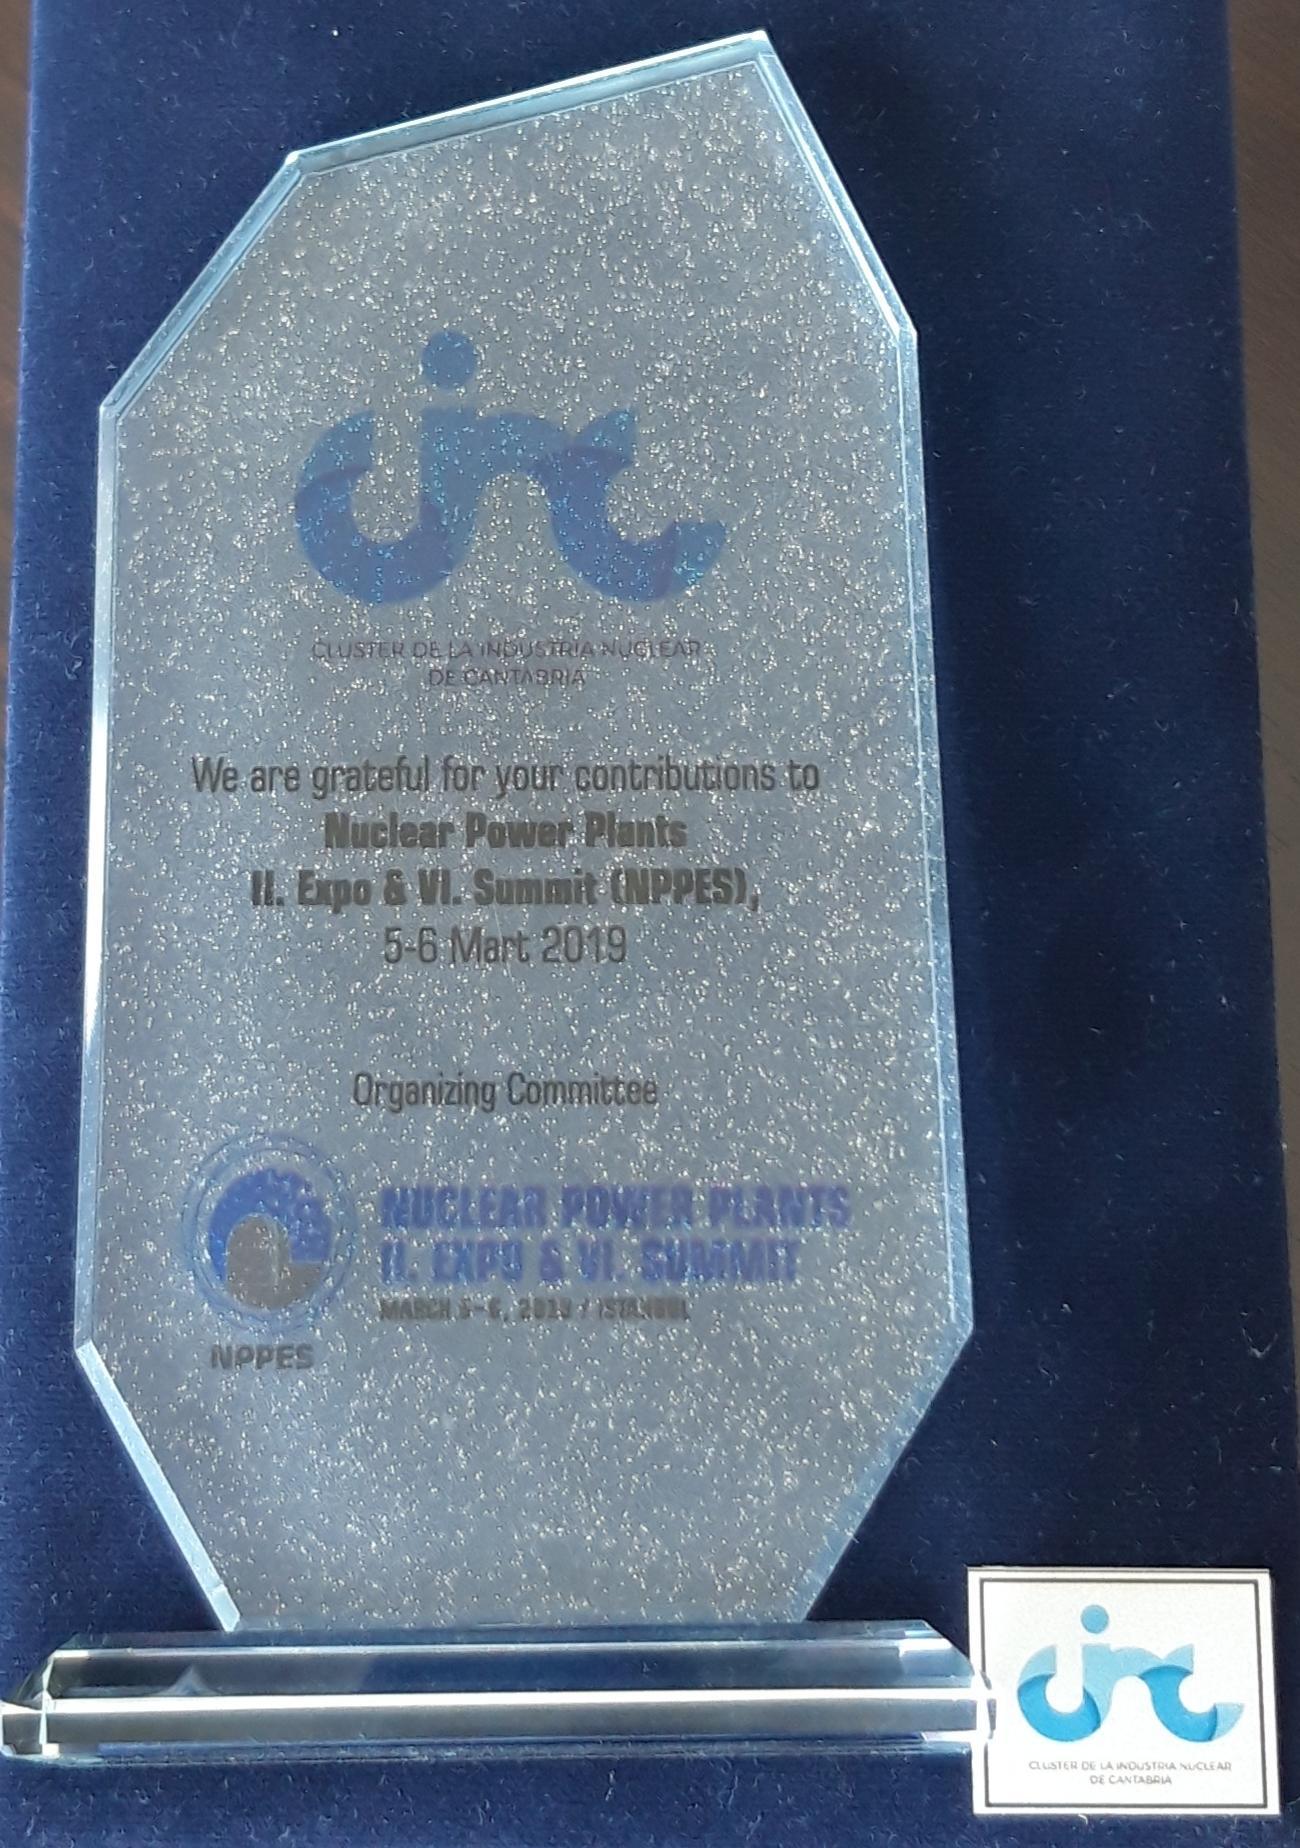 El CINC premiado por el Comité Organizador del Nuclear Power Plants II. Expo & VI Summit